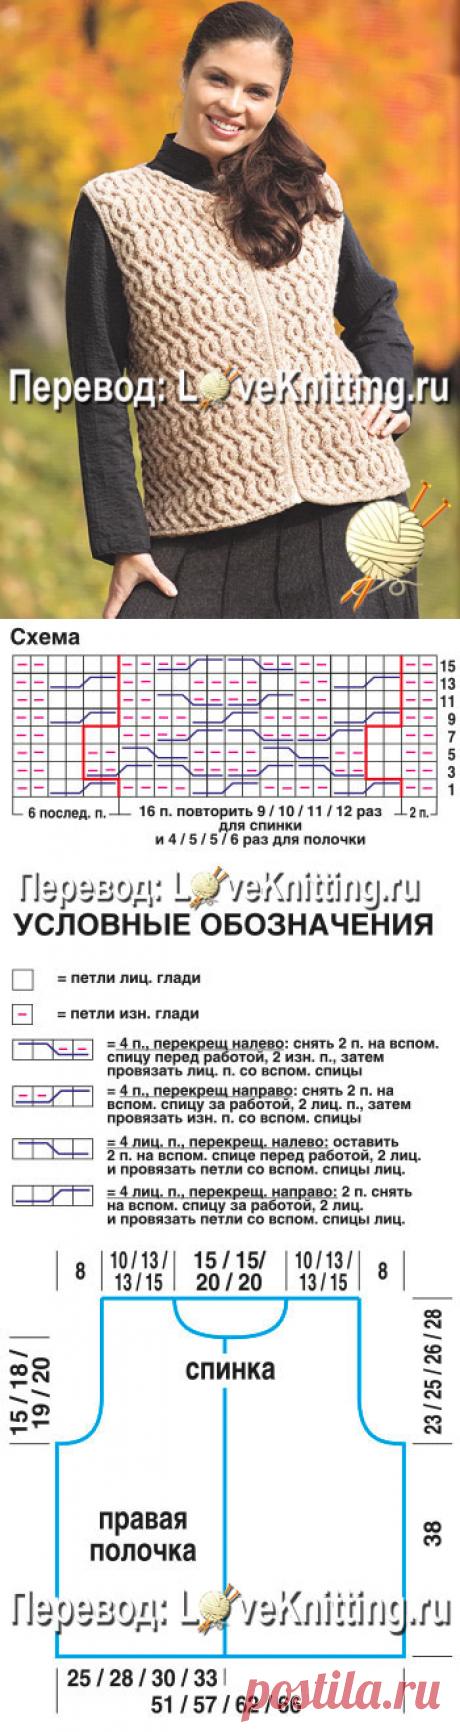 Теплый жилет | Loveknitting.ru